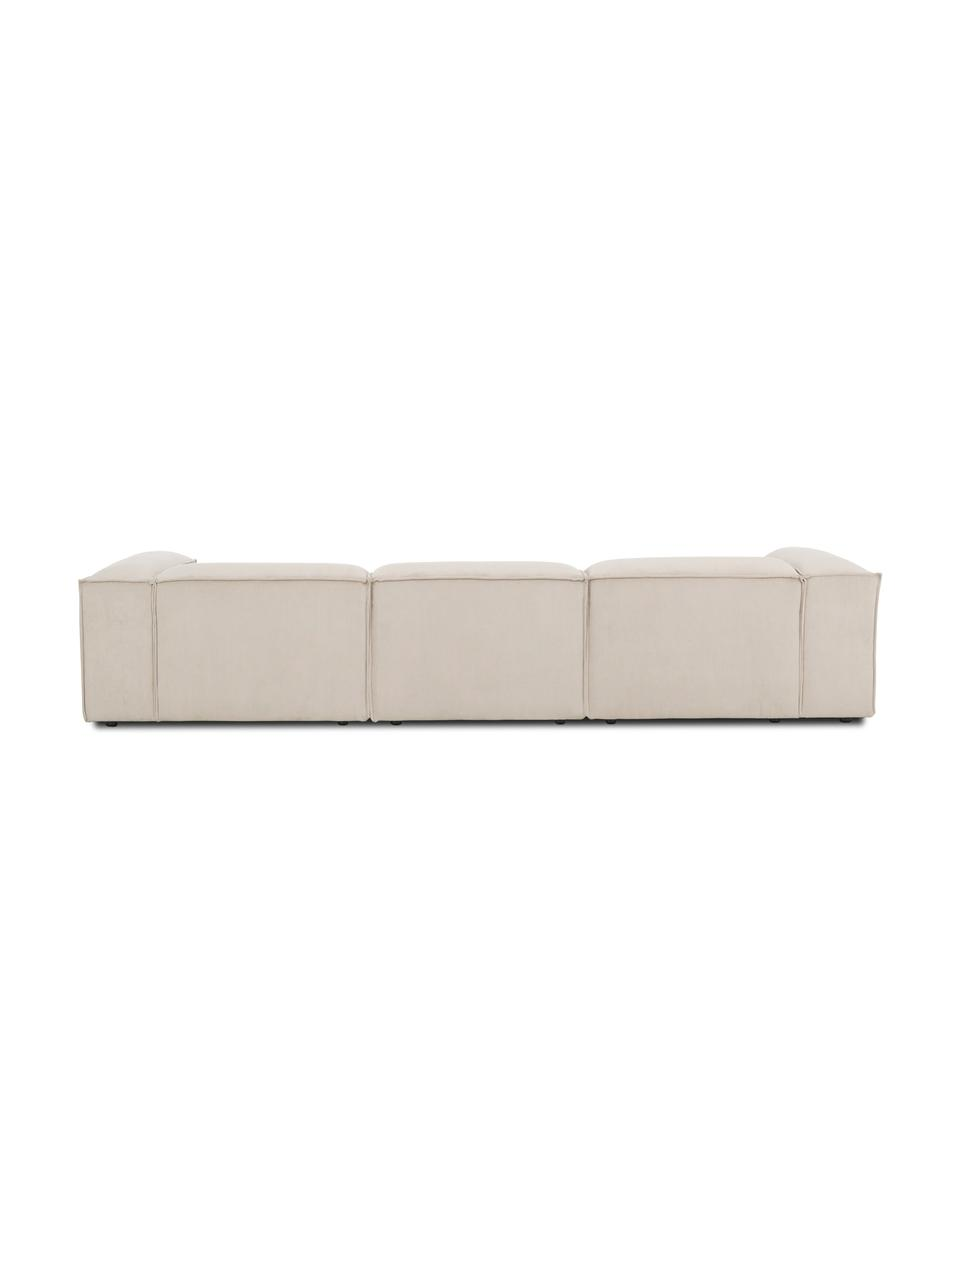 Modulaire hoekbank Lennon in beige van corduroy, Bekleding: corduroy (92% polyester, , Frame: massief grenenhout, multi, Poten: kunststof De poten bevind, Corduroy beige, B 327 x D 180 cm